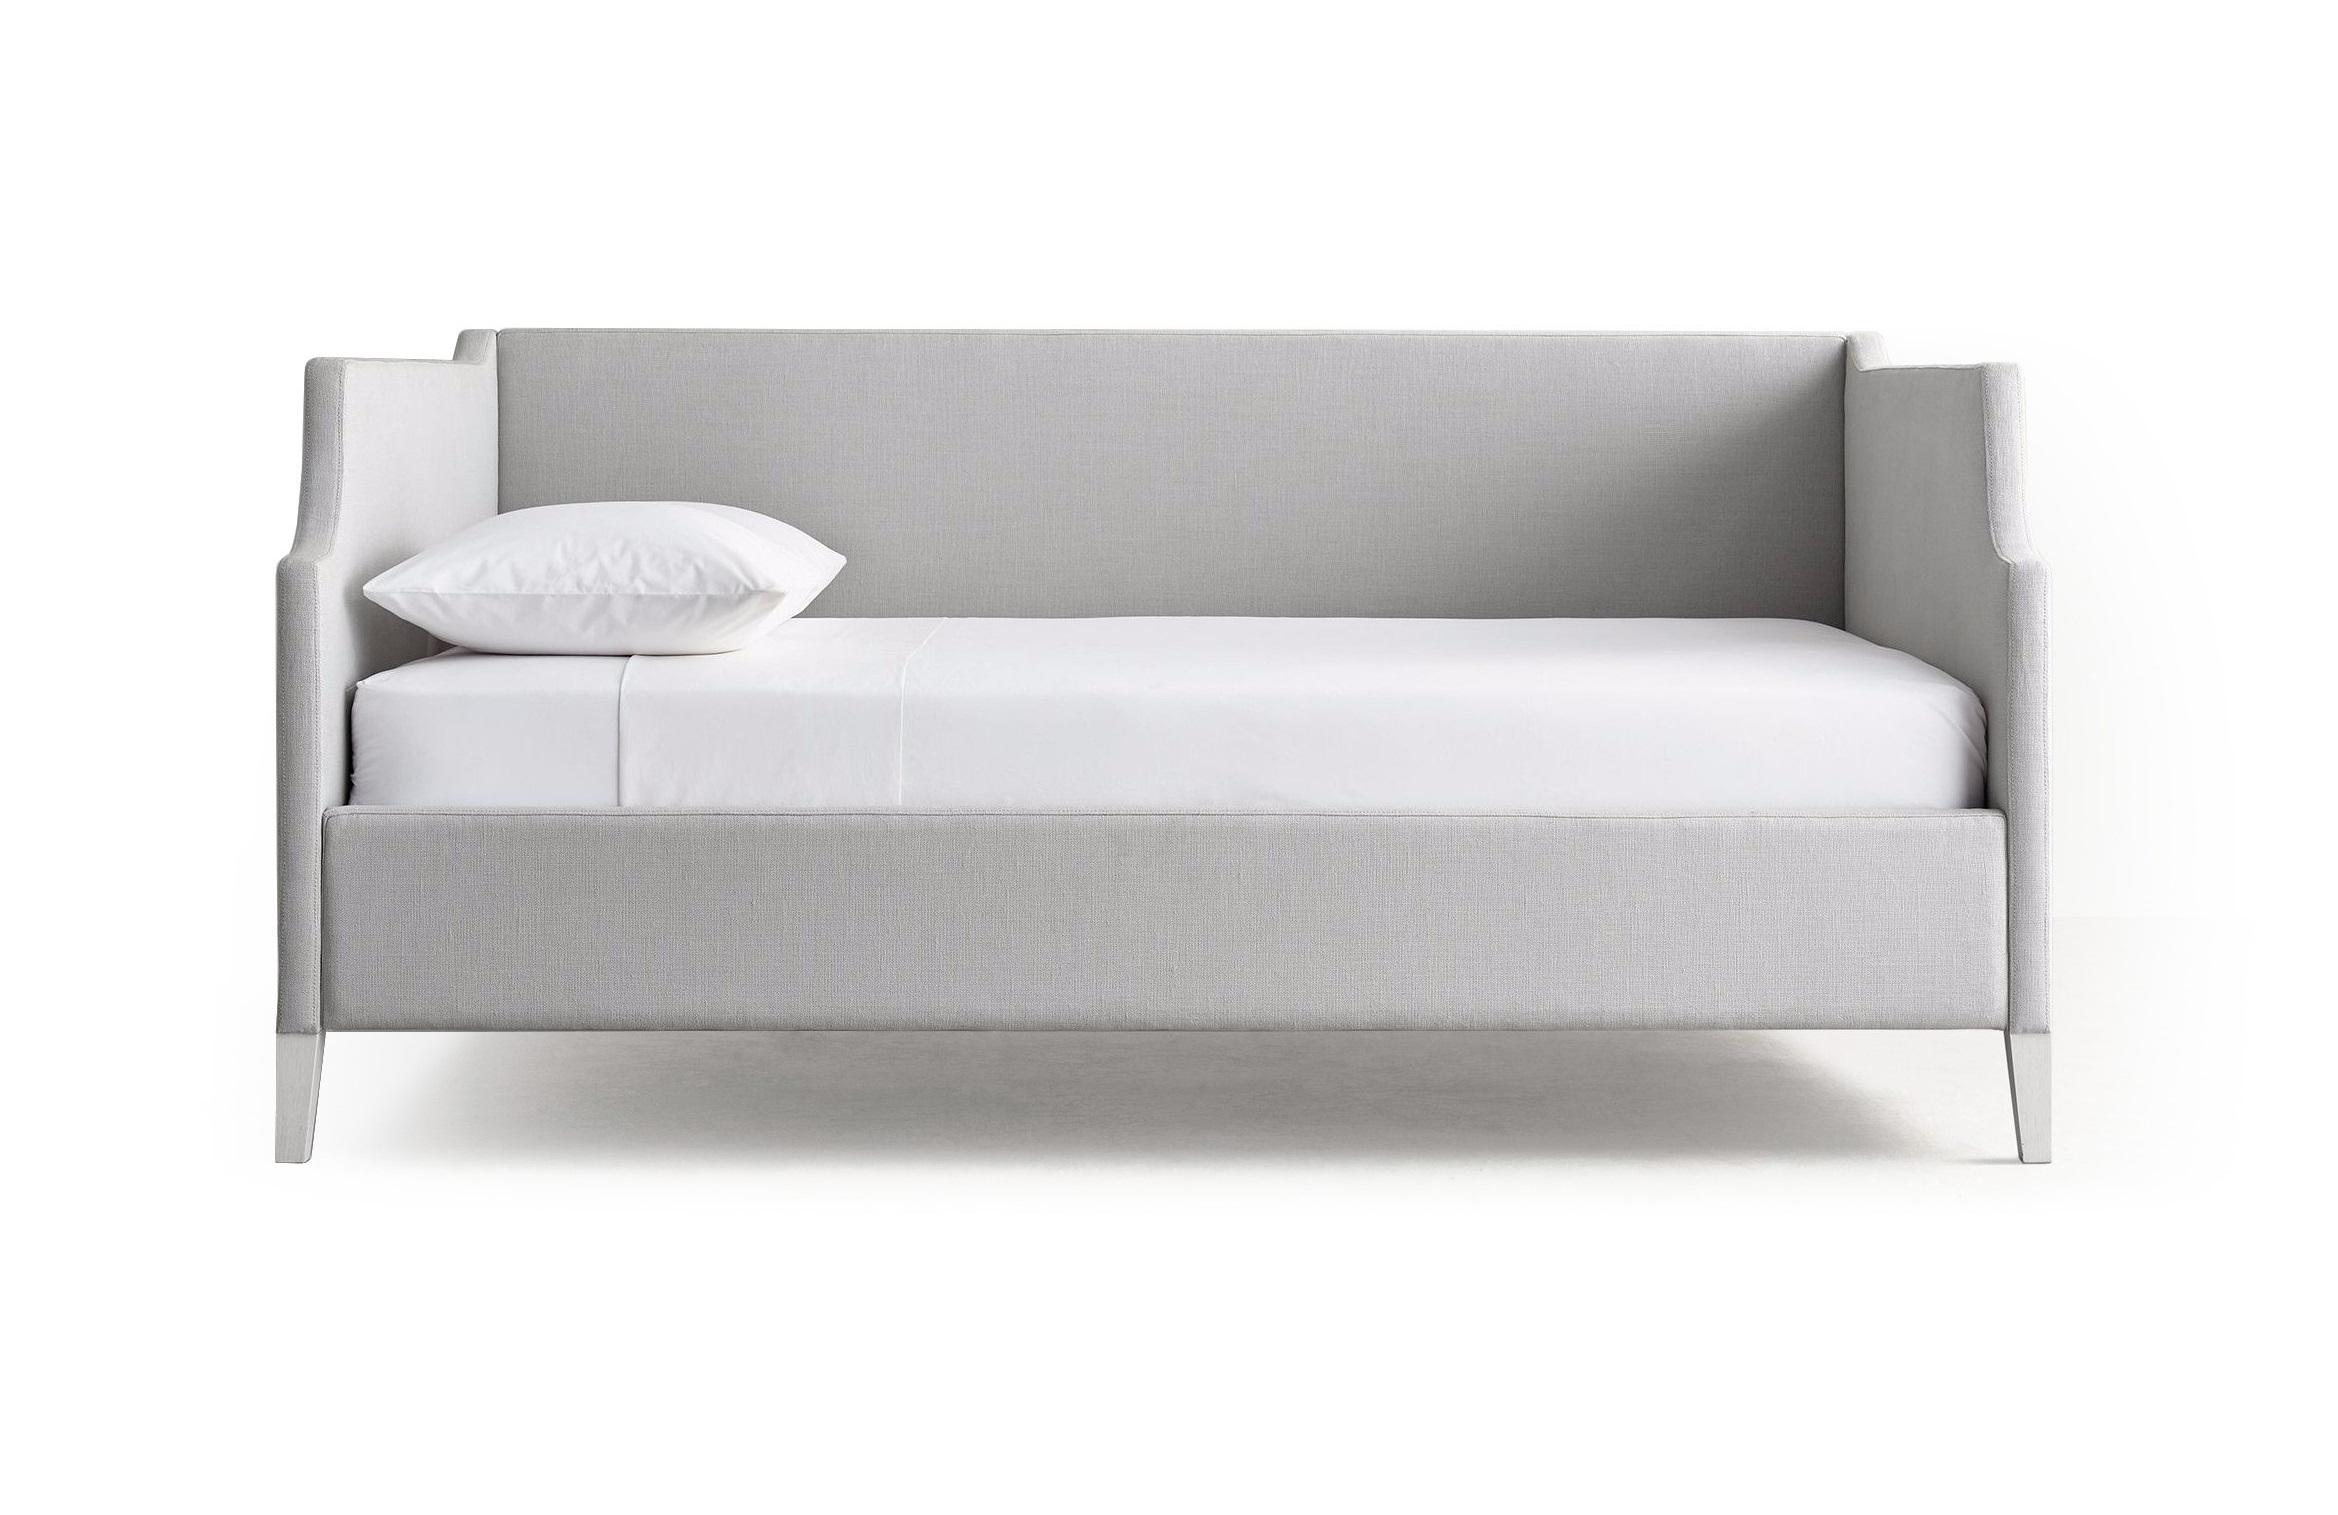 Диван EtonТрехместные диваны<br>&amp;lt;div&amp;gt;Диван днем и кровать ночью, &amp;quot;Eton Daybed&amp;quot; зарекомендовал себя как настоящий универсал! Диван-кровать, по своей сути, &amp;quot;Eton Daybed&amp;quot; особенно подойдет тем, кто любит обставлять свое пространство максимально эффективно, используя при этом минимум средств. Отдельно стоит упомянуть уют и ощущение безопасности, которые дарят три бортика по периметру дивана. Именно по-этому &amp;quot;Eton&amp;quot; - это еще и хорошее решение для детской комнанты.&amp;lt;/div&amp;gt;&amp;lt;div&amp;gt;&amp;lt;br&amp;gt;&amp;lt;/div&amp;gt;&amp;lt;div&amp;gt;Материалы: бук, текстиль. Корпус: массив, фанера.&amp;lt;/div&amp;gt;&amp;lt;div&amp;gt;Ламели включены в стоимость, матрас не входит в стоимость.&amp;amp;nbsp;&amp;lt;/div&amp;gt;&amp;lt;div&amp;gt;Длина и ширина может быть любой. Идеально в детскую комнату.&amp;amp;nbsp;&amp;lt;/div&amp;gt;&amp;lt;div&amp;gt;Возможна установка выкатного или подъемного механизма, подробности уточняйте у менеджера.&amp;lt;/div&amp;gt;&amp;lt;div&amp;gt;&amp;lt;br&amp;gt;&amp;lt;/div&amp;gt;&amp;lt;div&amp;gt;Размеры спального места:&amp;amp;nbsp; &amp;amp;nbsp;&amp;amp;nbsp;&amp;lt;/div&amp;gt;&amp;lt;div&amp;gt;90*200 - представлено&amp;lt;/div&amp;gt;&amp;lt;div&amp;gt;120*200&amp;lt;/div&amp;gt;&amp;lt;div&amp;gt;140*200&amp;amp;nbsp;&amp;lt;/div&amp;gt;&amp;lt;div&amp;gt;160*200&amp;amp;nbsp; &amp;amp;nbsp; &amp;amp;nbsp; &amp;amp;nbsp; &amp;amp;nbsp;&amp;amp;nbsp;&amp;lt;/div&amp;gt;&amp;lt;div&amp;gt;180*200&amp;lt;/div&amp;gt;&amp;lt;div&amp;gt;200*200&amp;lt;/div&amp;gt;&amp;lt;div&amp;gt;&amp;lt;br&amp;gt;&amp;lt;/div&amp;gt;&amp;lt;div&amp;gt;Габариты изделия изменяются в соответствии с размером спального места.&amp;lt;/div&amp;gt;<br><br>Material: Текстиль<br>Ширина см: 220.0<br>Высота см: 96.0<br>Глубина см: 110.0